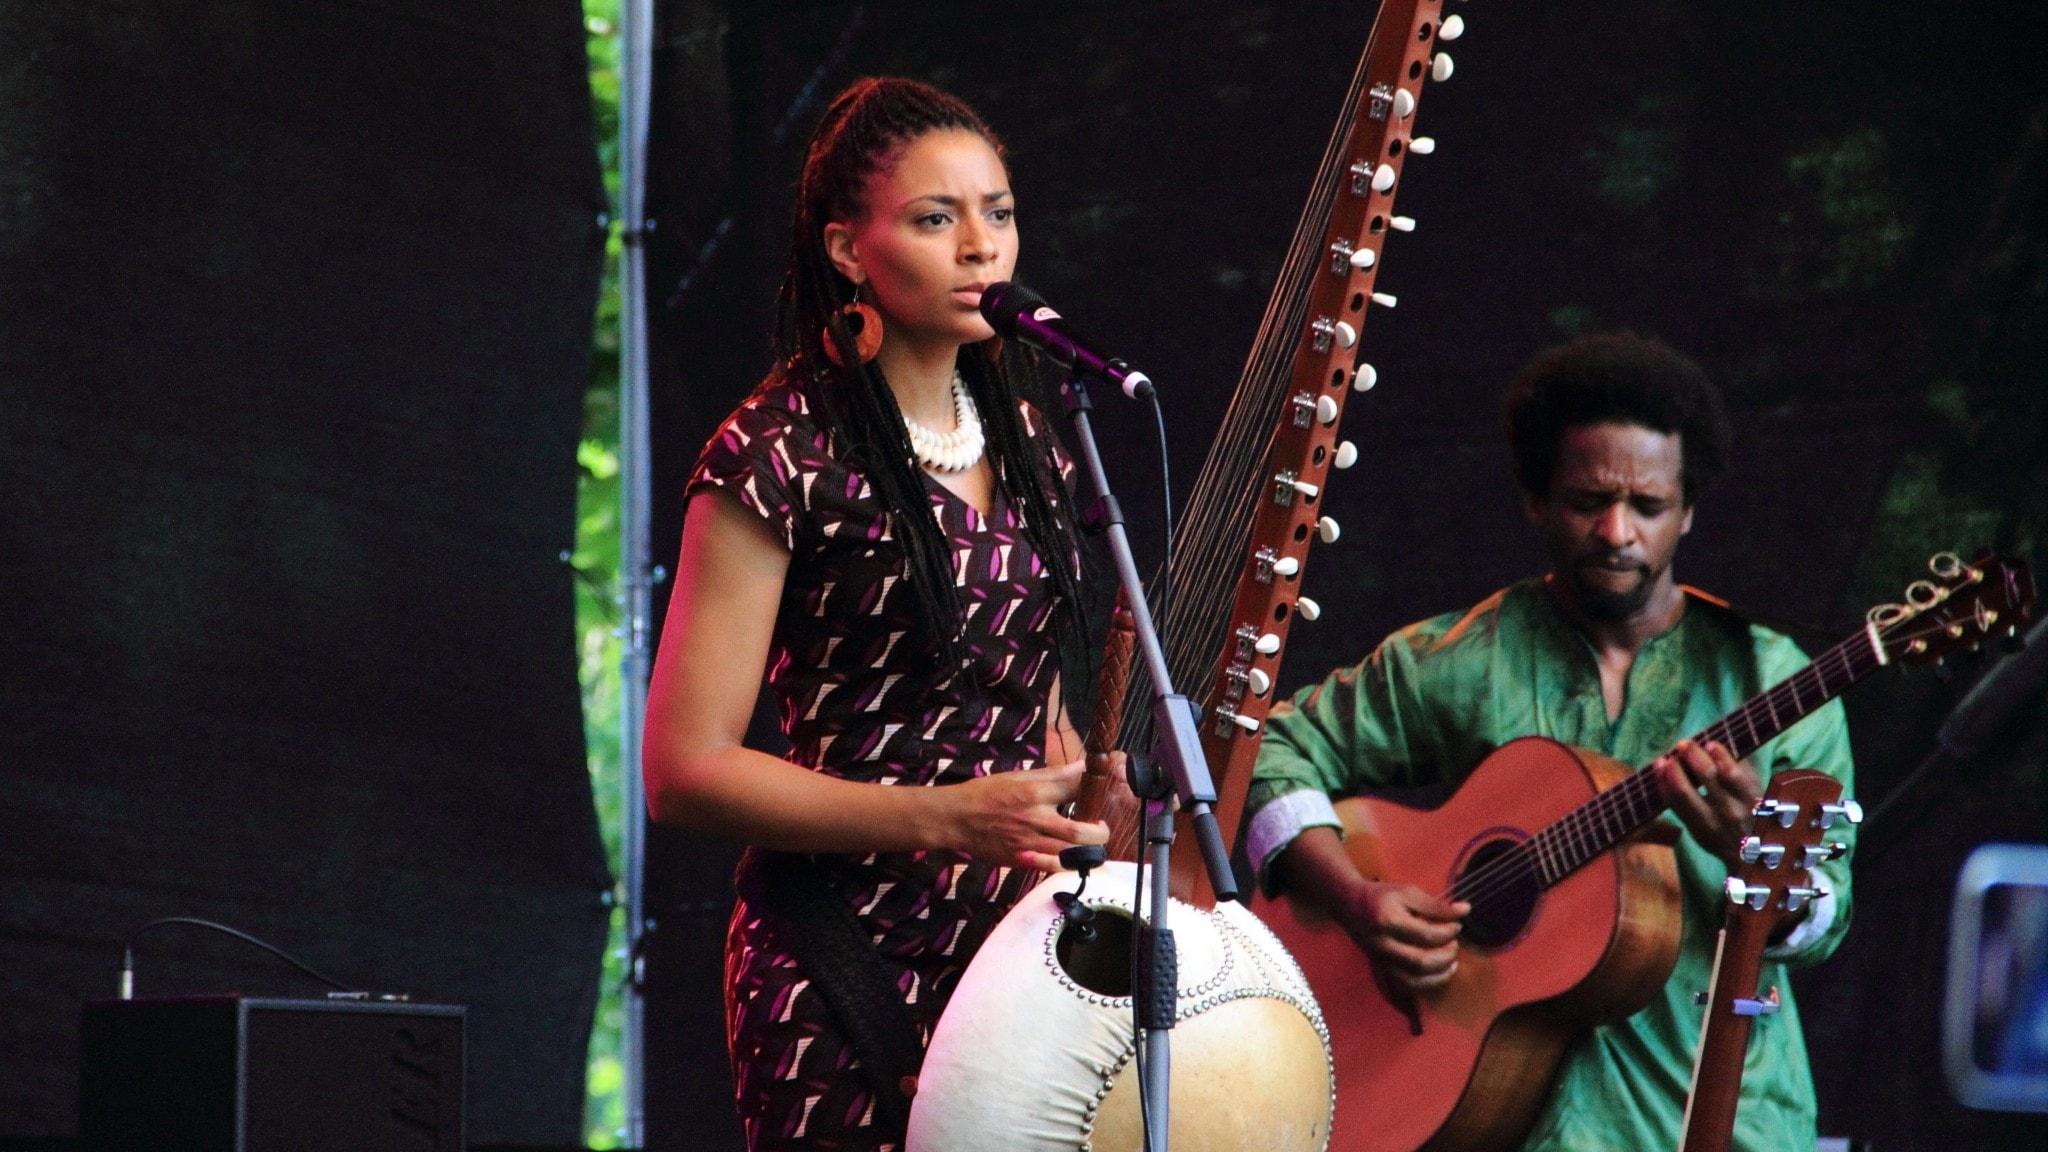 KONSERT: Folkmusik från Gambia med Sona Jobarteh